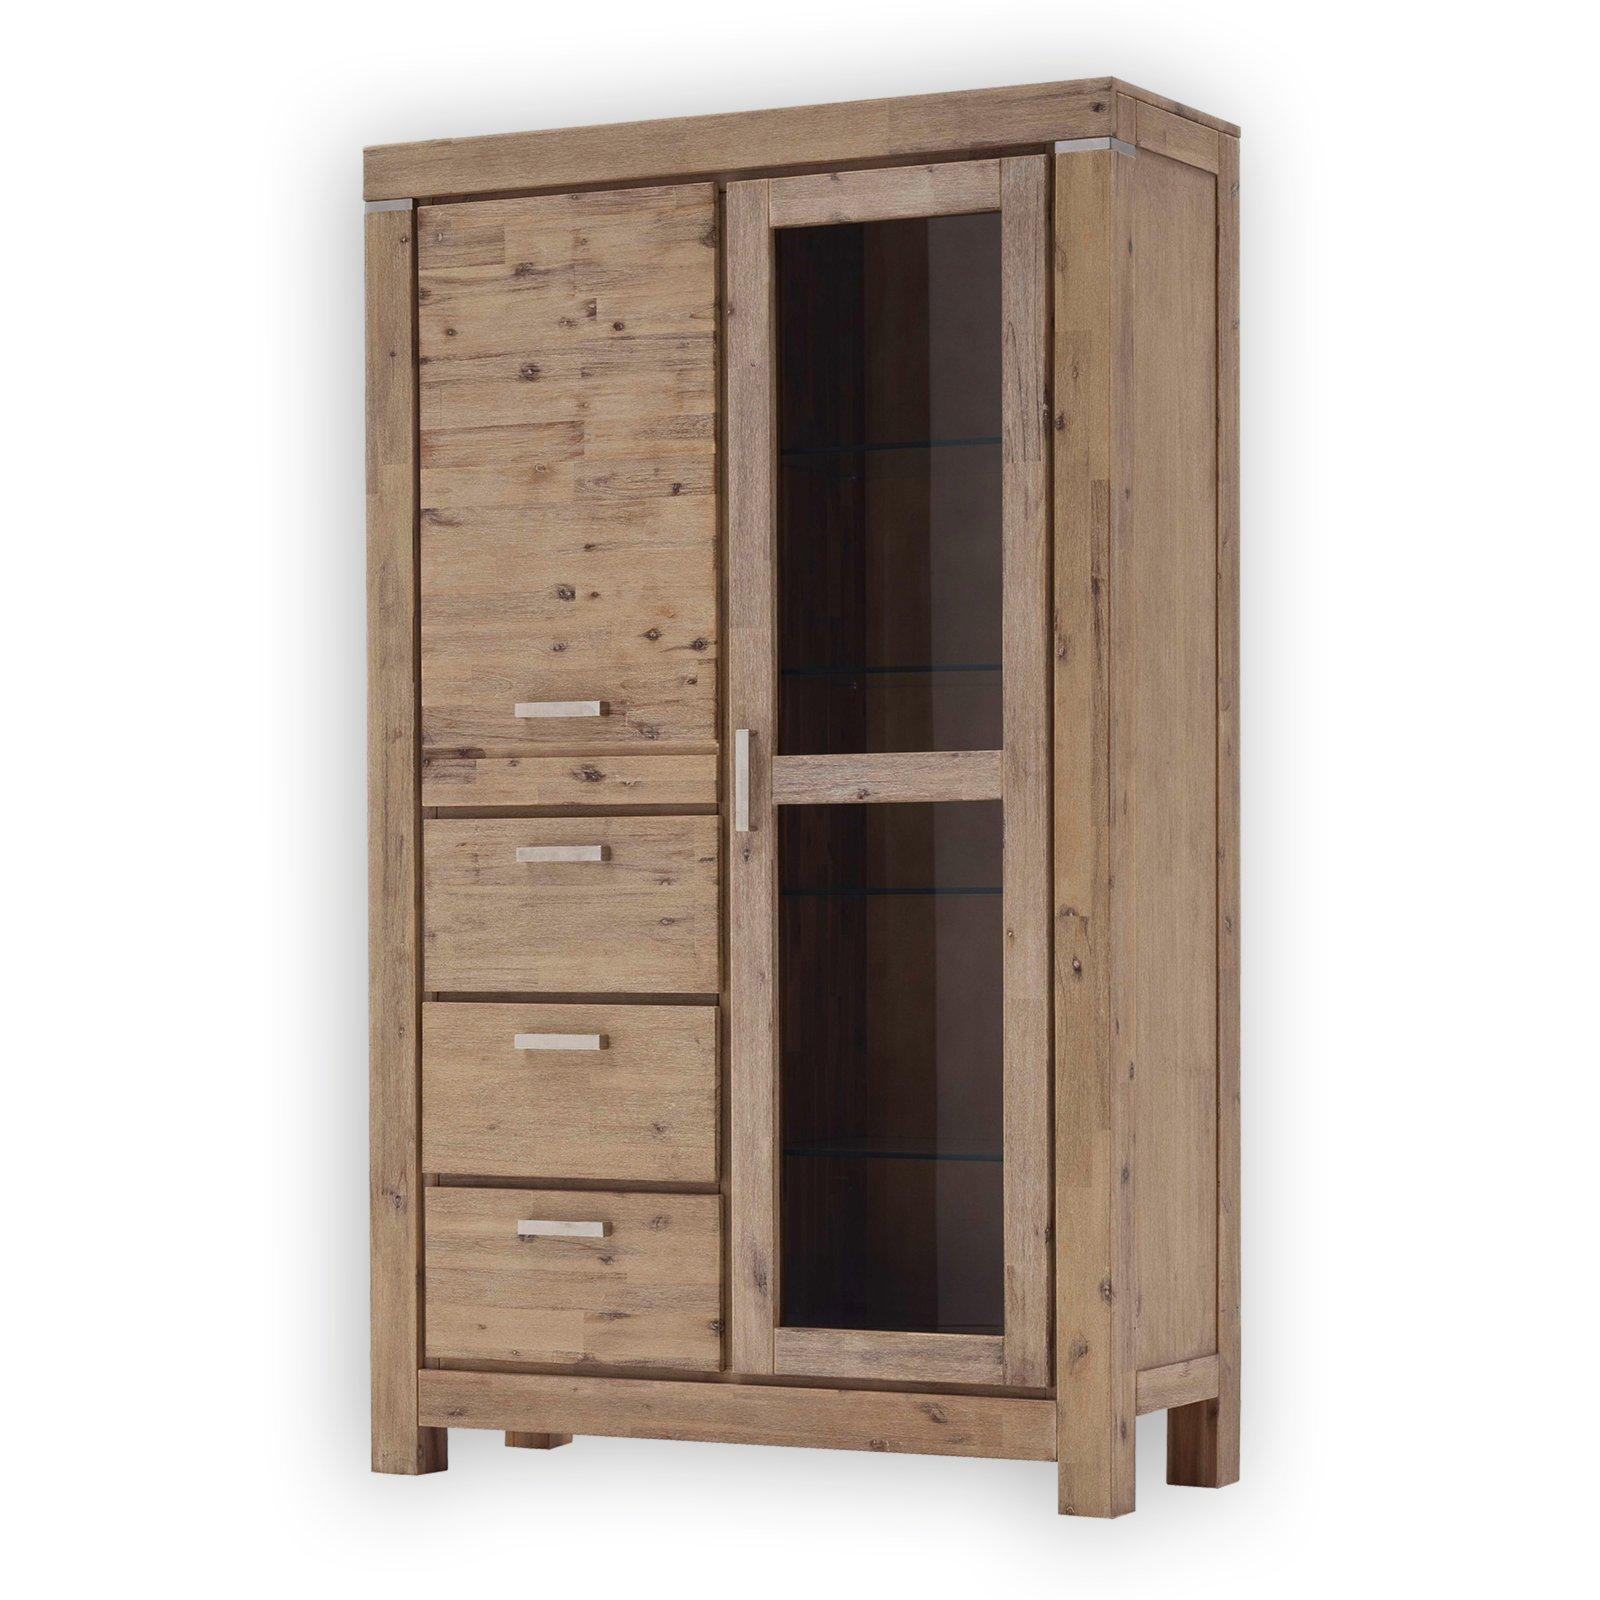 vitrine victoria akazie massiv 115 cm breit vitrinen. Black Bedroom Furniture Sets. Home Design Ideas